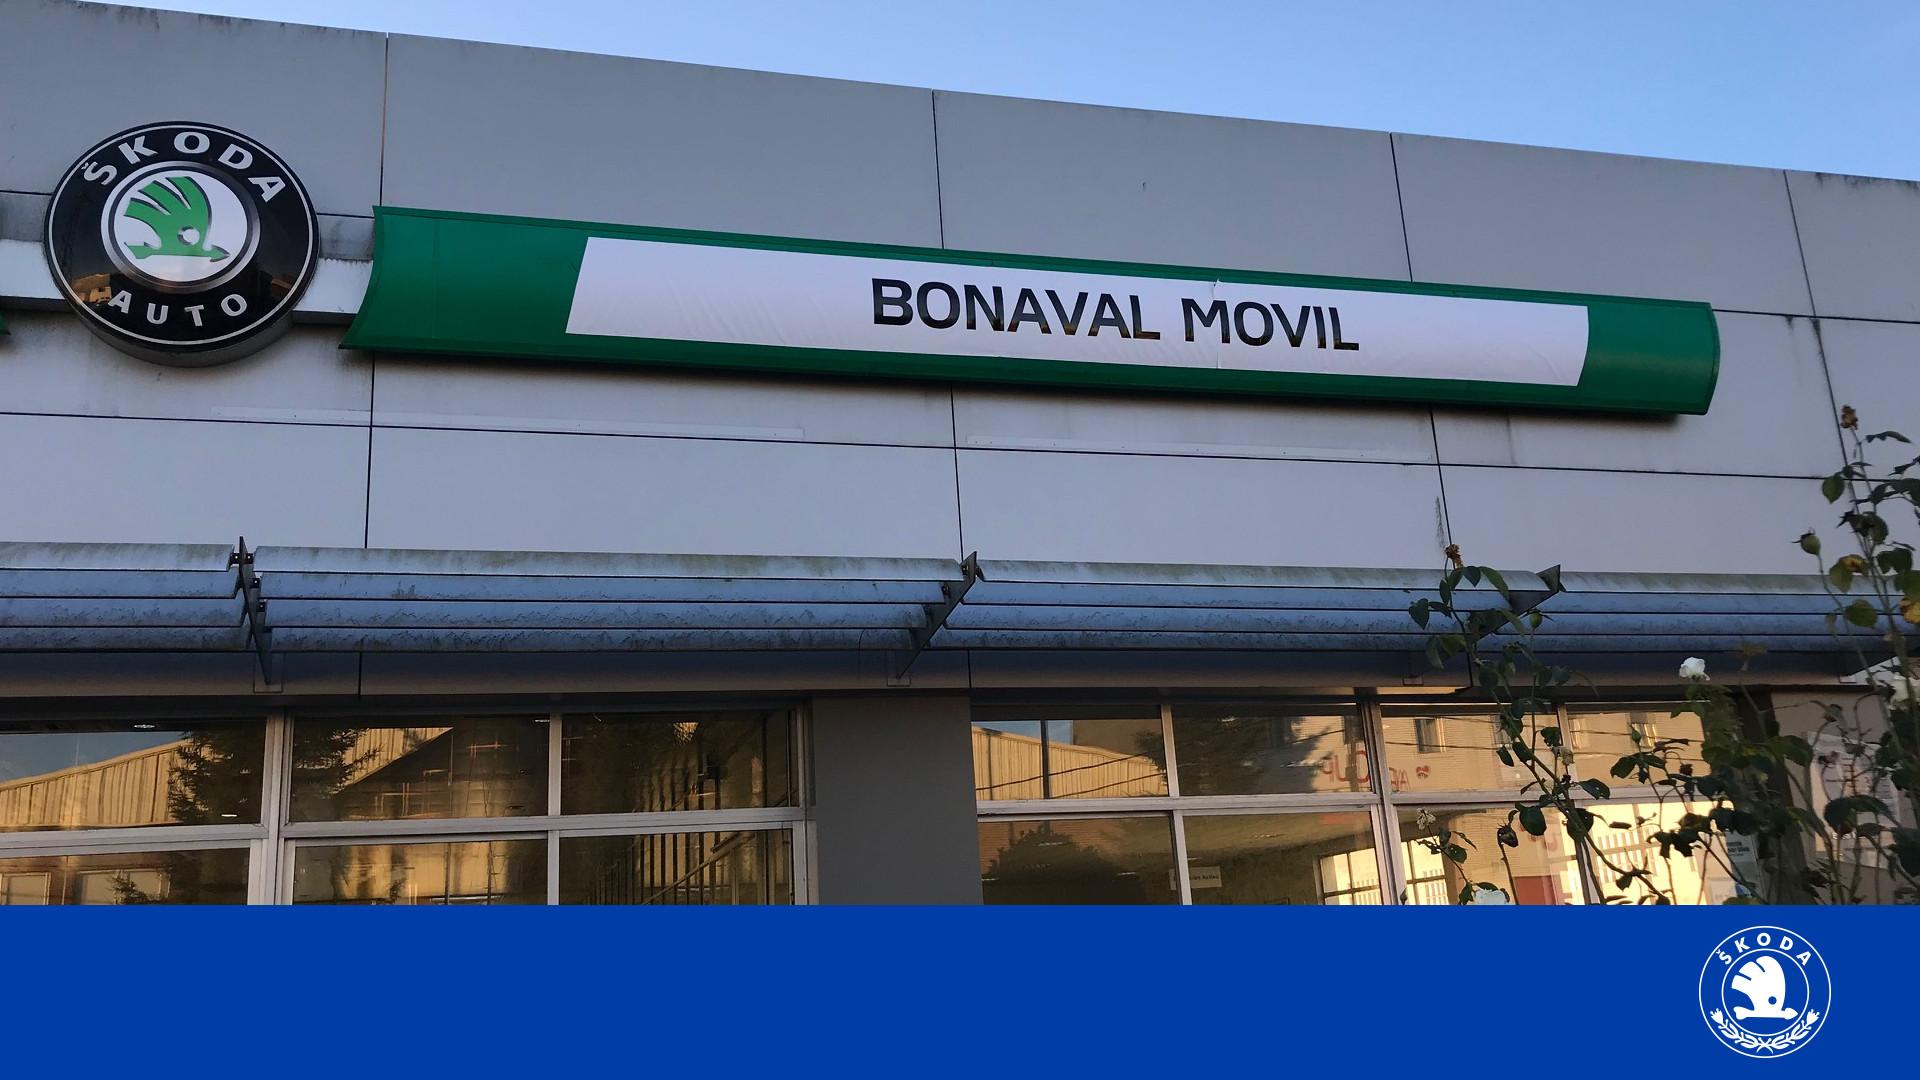 Bonaval movil: Skoda